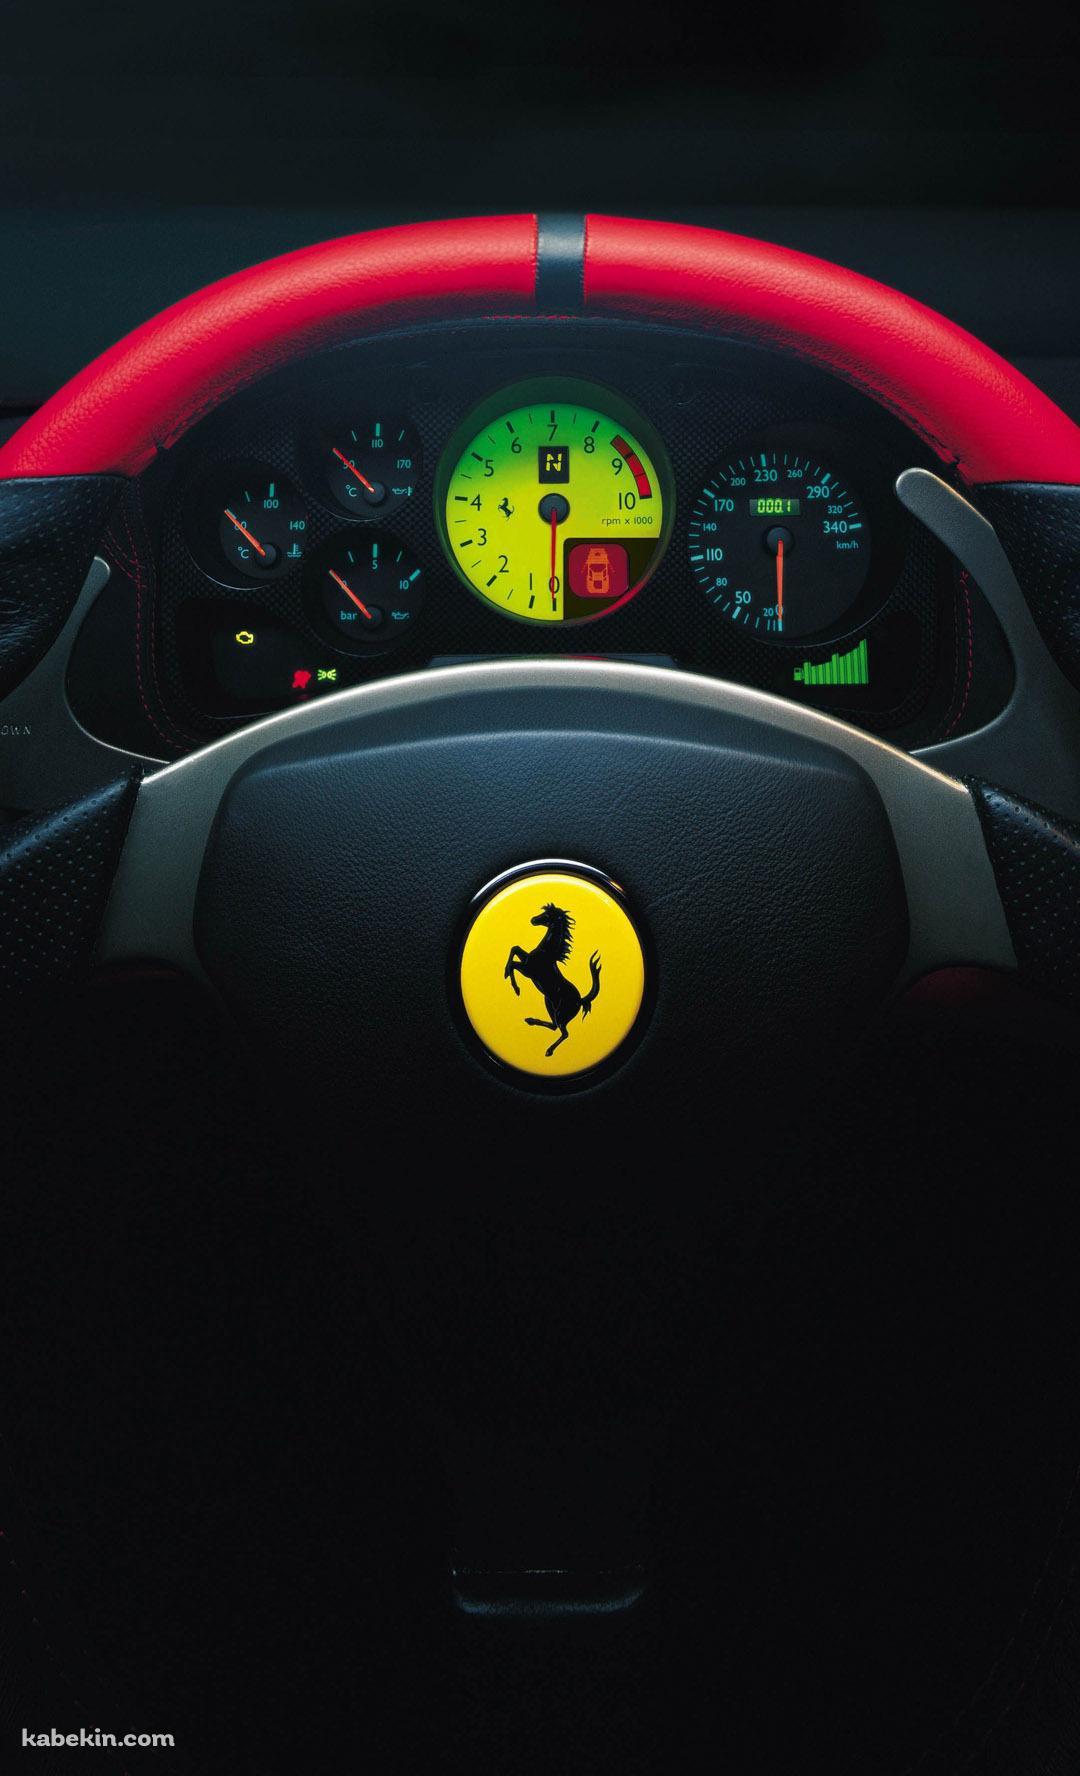 フェラーリ 運転席のandroid壁紙 1080 X 1776 壁紙キングダム スマホ版